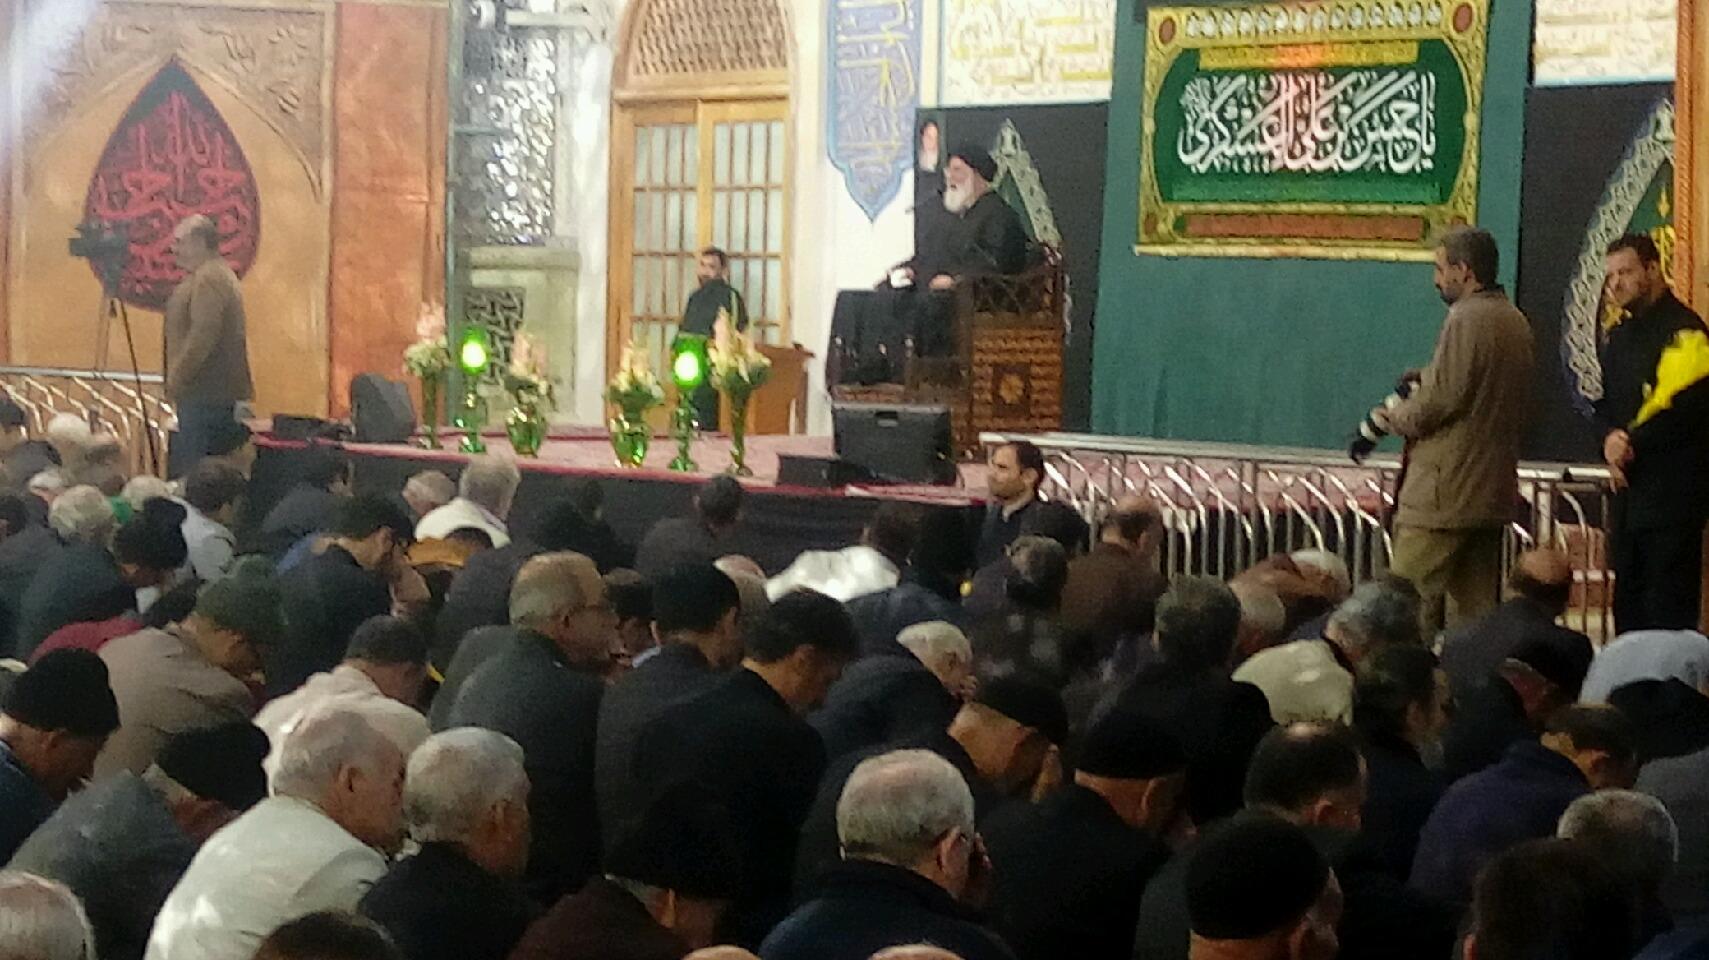 ظلمستیزی و معرفی اسلام ناب محمدی به مردم هدف اصلی و مشترک همه امامان